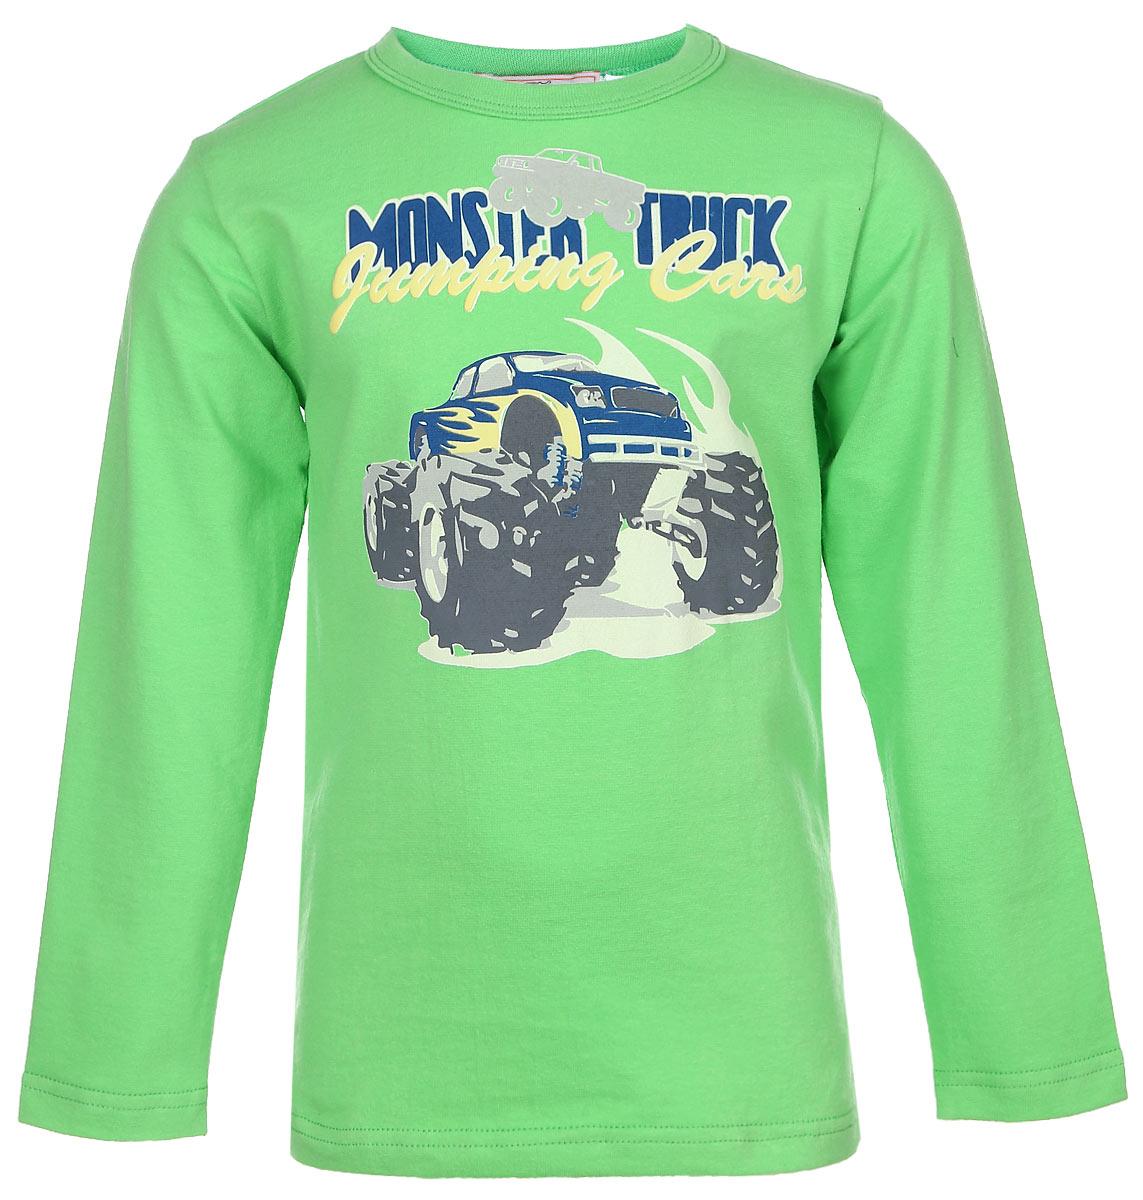 SSF161K31-14Модная футболка с длинным рукавом для мальчика M&D идеально подойдет вашему малышу. Изготовленная из эластичного хлопка, она необычайно мягкая и приятная на ощупь, не сковывает движения малыша и позволяет коже дышать, не раздражает даже самую нежную и чувствительную кожу ребенка, обеспечивая наибольший комфорт. Футболка с длинными рукавами оформлена оригинальным принтом с изображением монстр-трака и надписями на английском языке. Оригинальный современный дизайн и модная расцветка делают эту футболку модным и стильным предметом детского гардероба. В ней ваш малыш будет чувствовать себя уютно и комфортно и всегда будет в центре внимания!